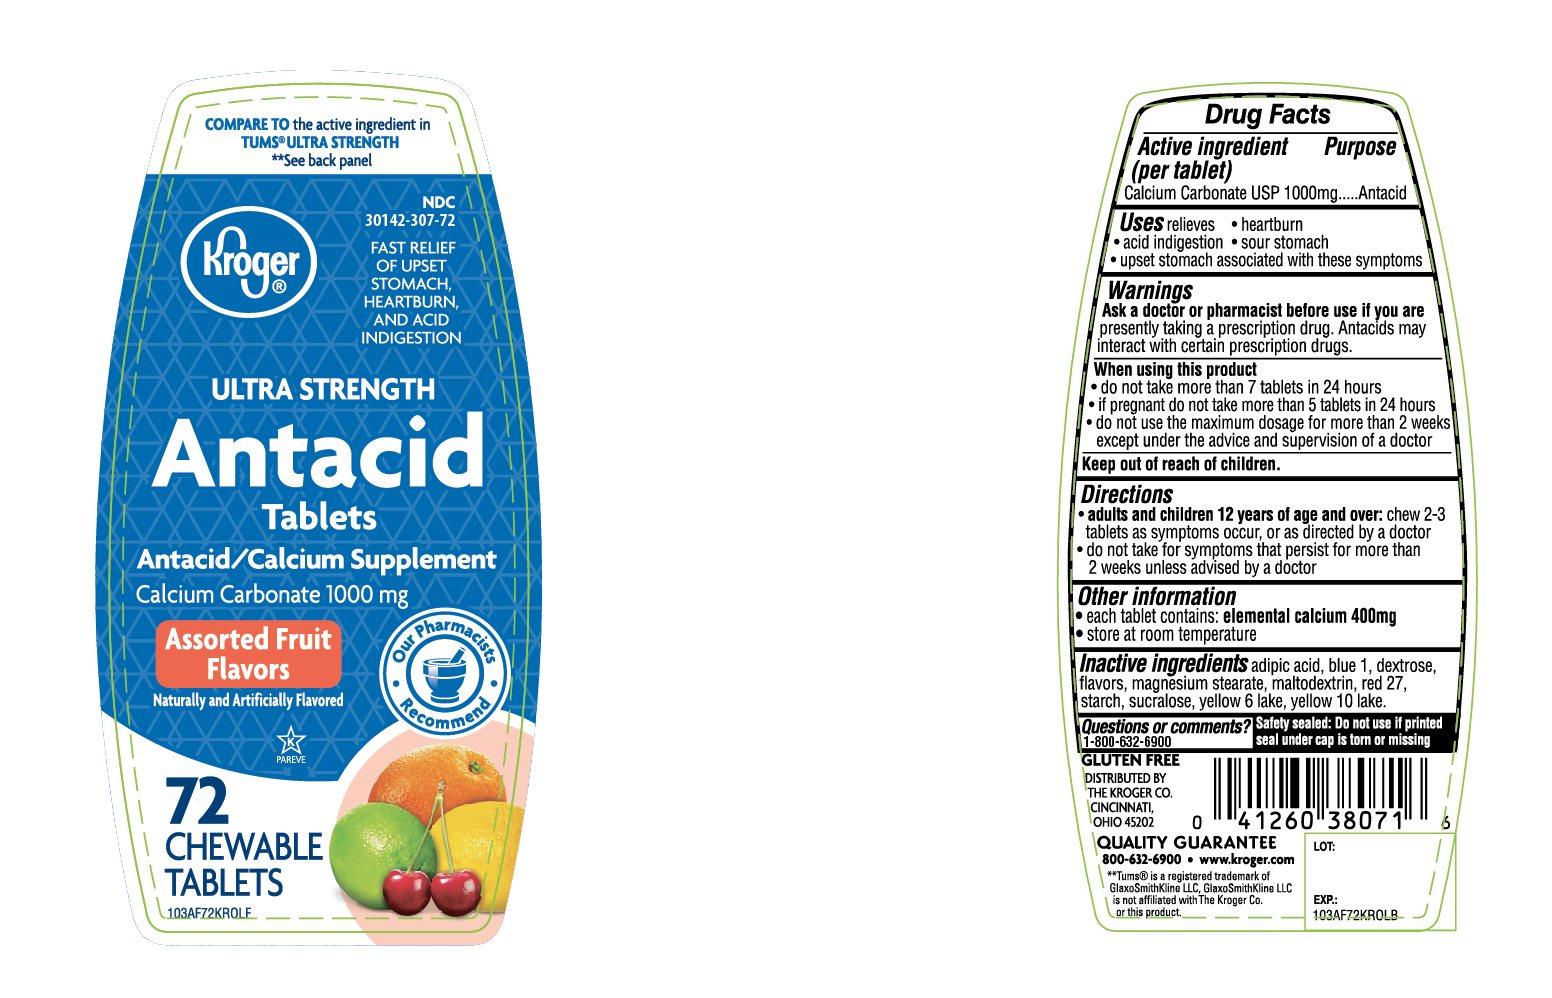 Kroger Ultra Strength Assorted Fruit 72 Tablets